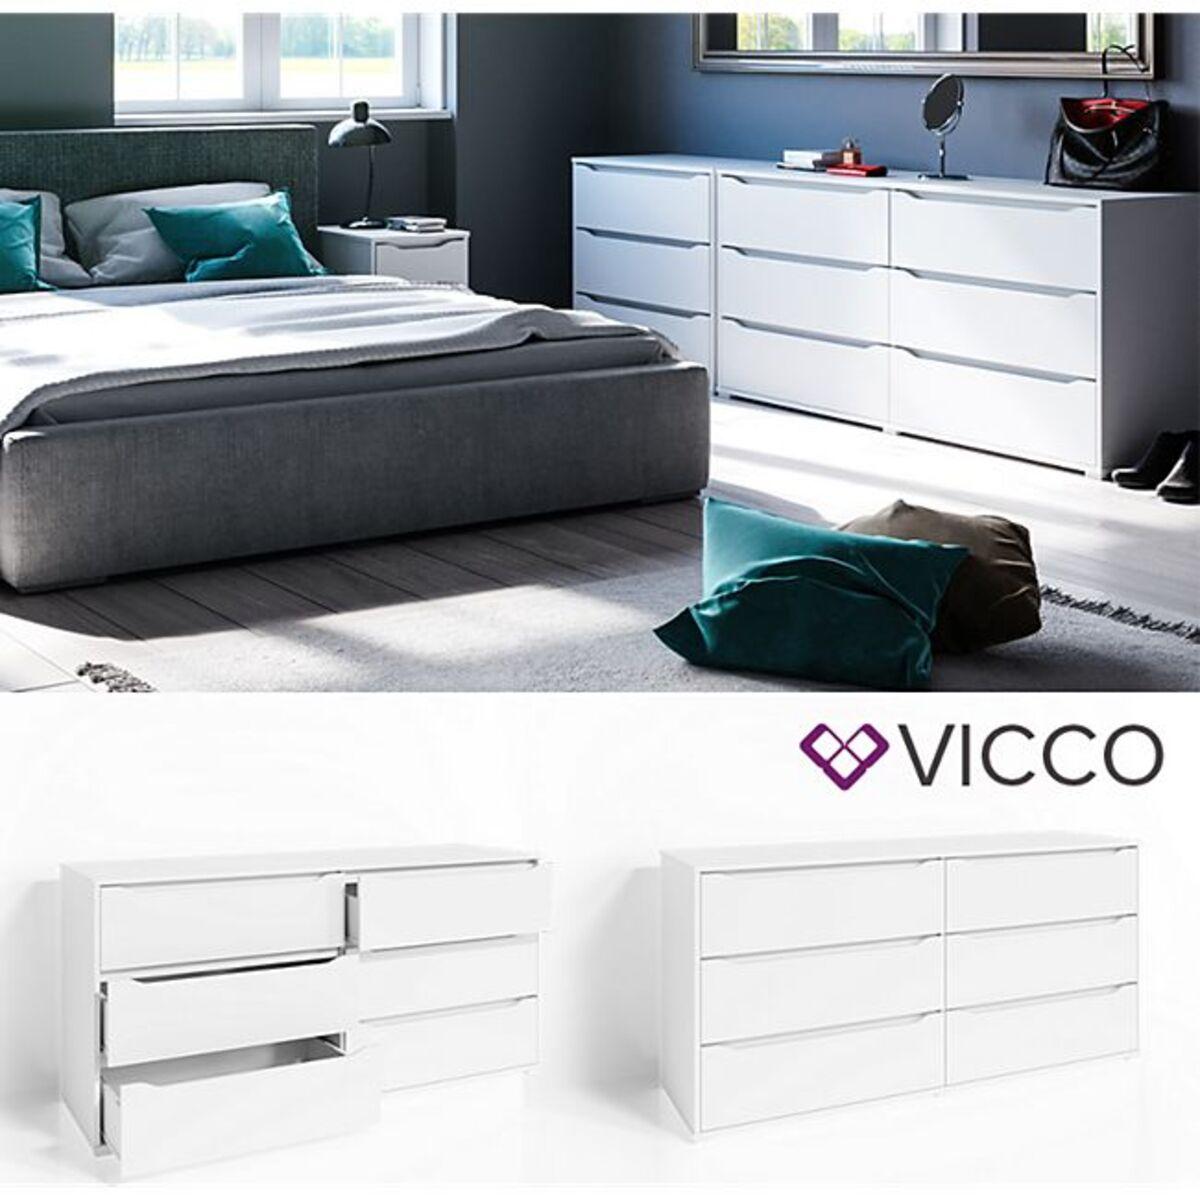 Bild 1 von VICCO Kommode RUBEN Weiß 6 Schubladen 160 cm Sideboard Mehrzweckschrank Schrank